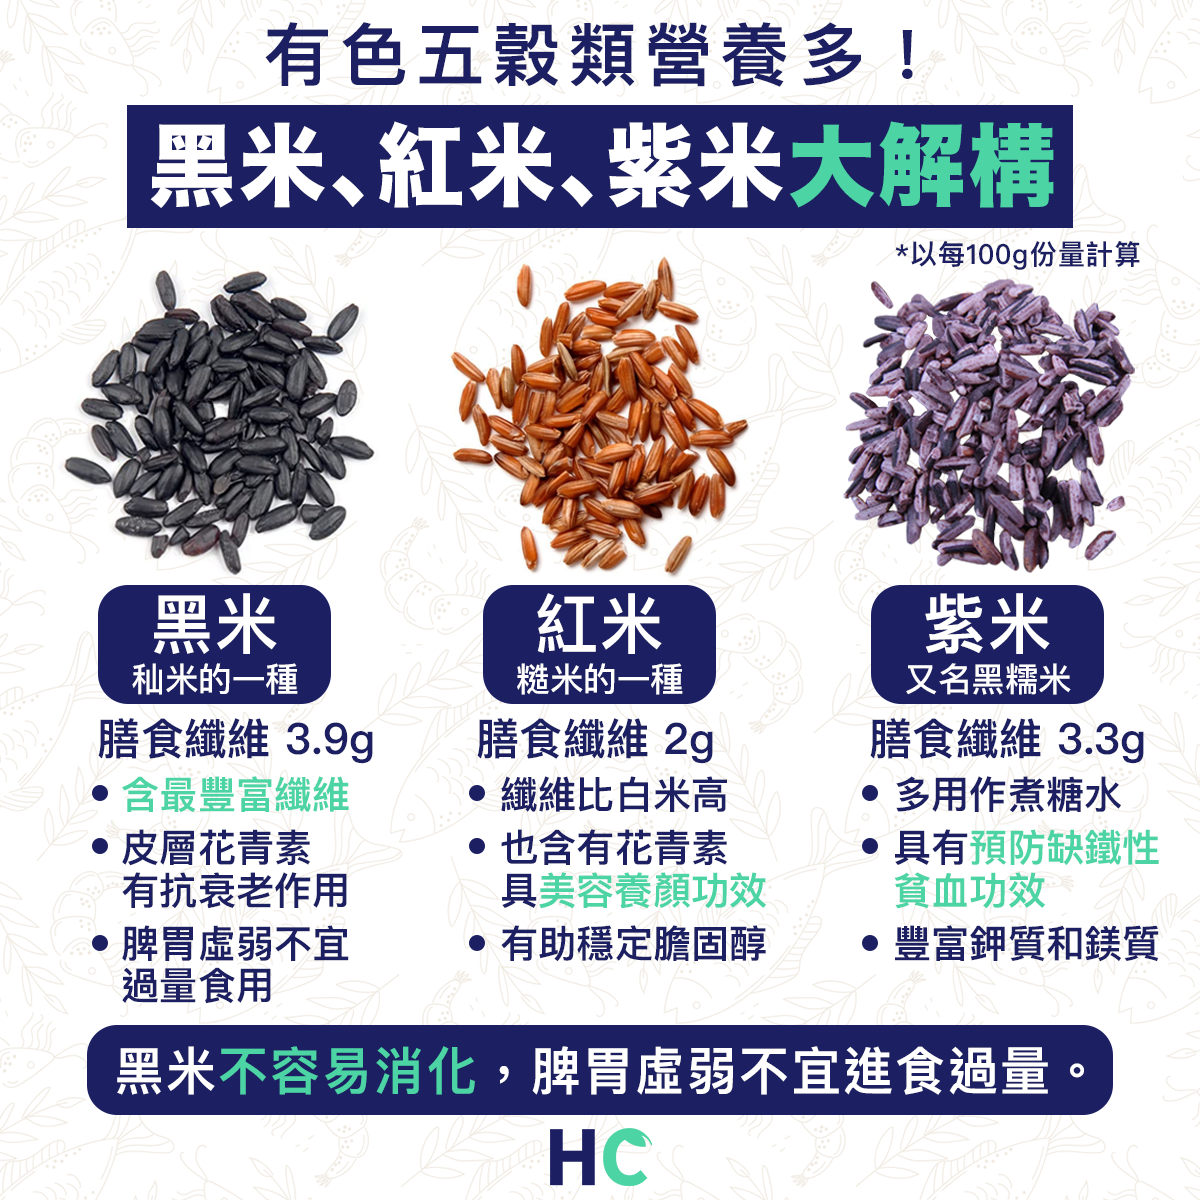 【#營養食品】有色五穀類營養多 黑米、紅米、紫米大解構